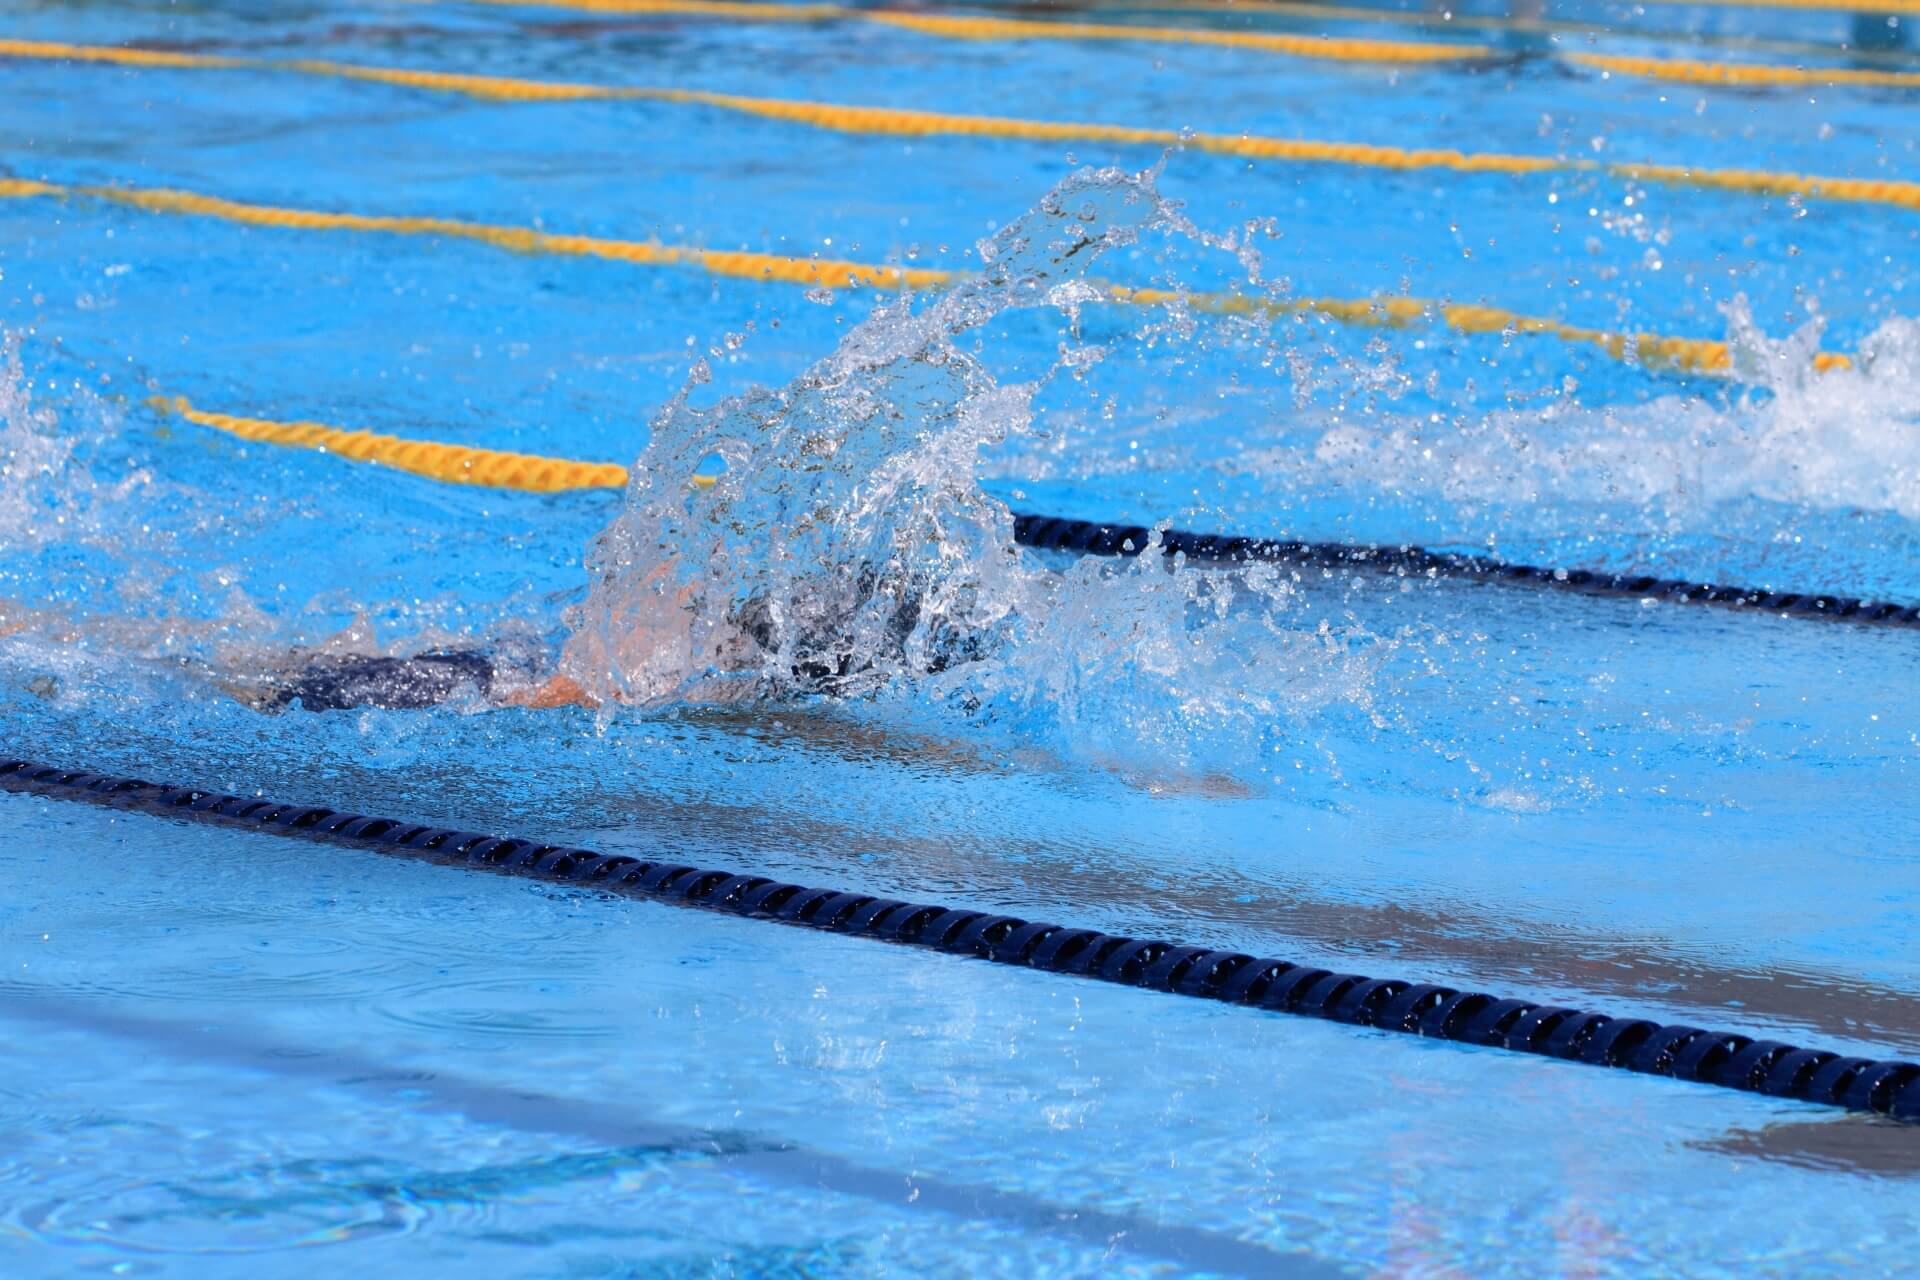 栃木県身体障害者水泳協会(栃木とびうお)